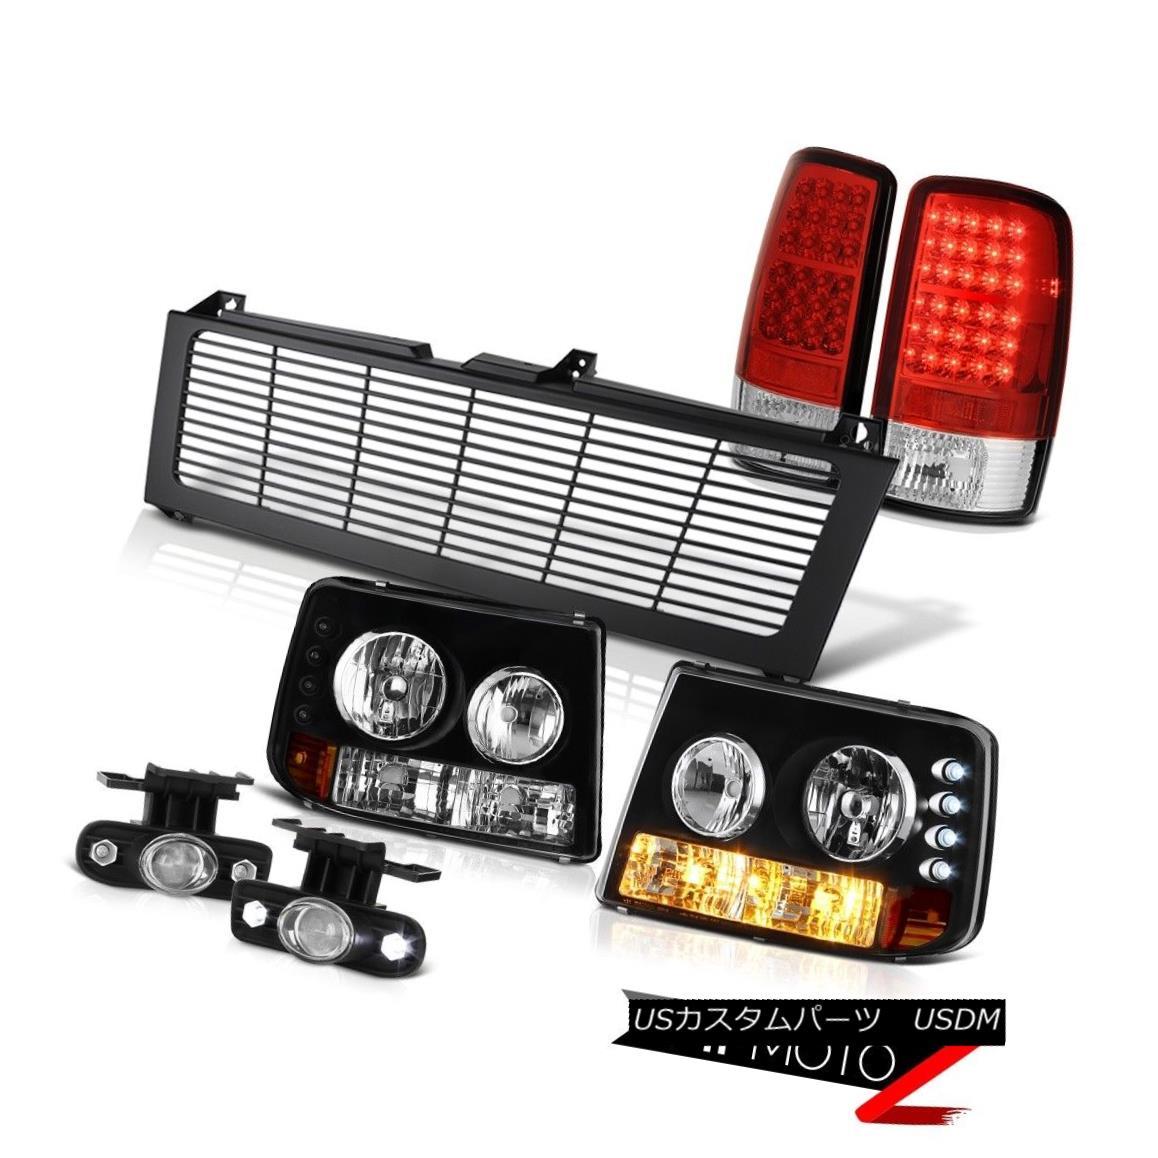 テールライト 2000-06 Suburban 6.0L Bumper Headlights Red LED Tail Lights Projector Fog Grille 2000-06郊外6.0Lバンパーヘッドライト赤色LEDテールライトプロジェクターフォググリル